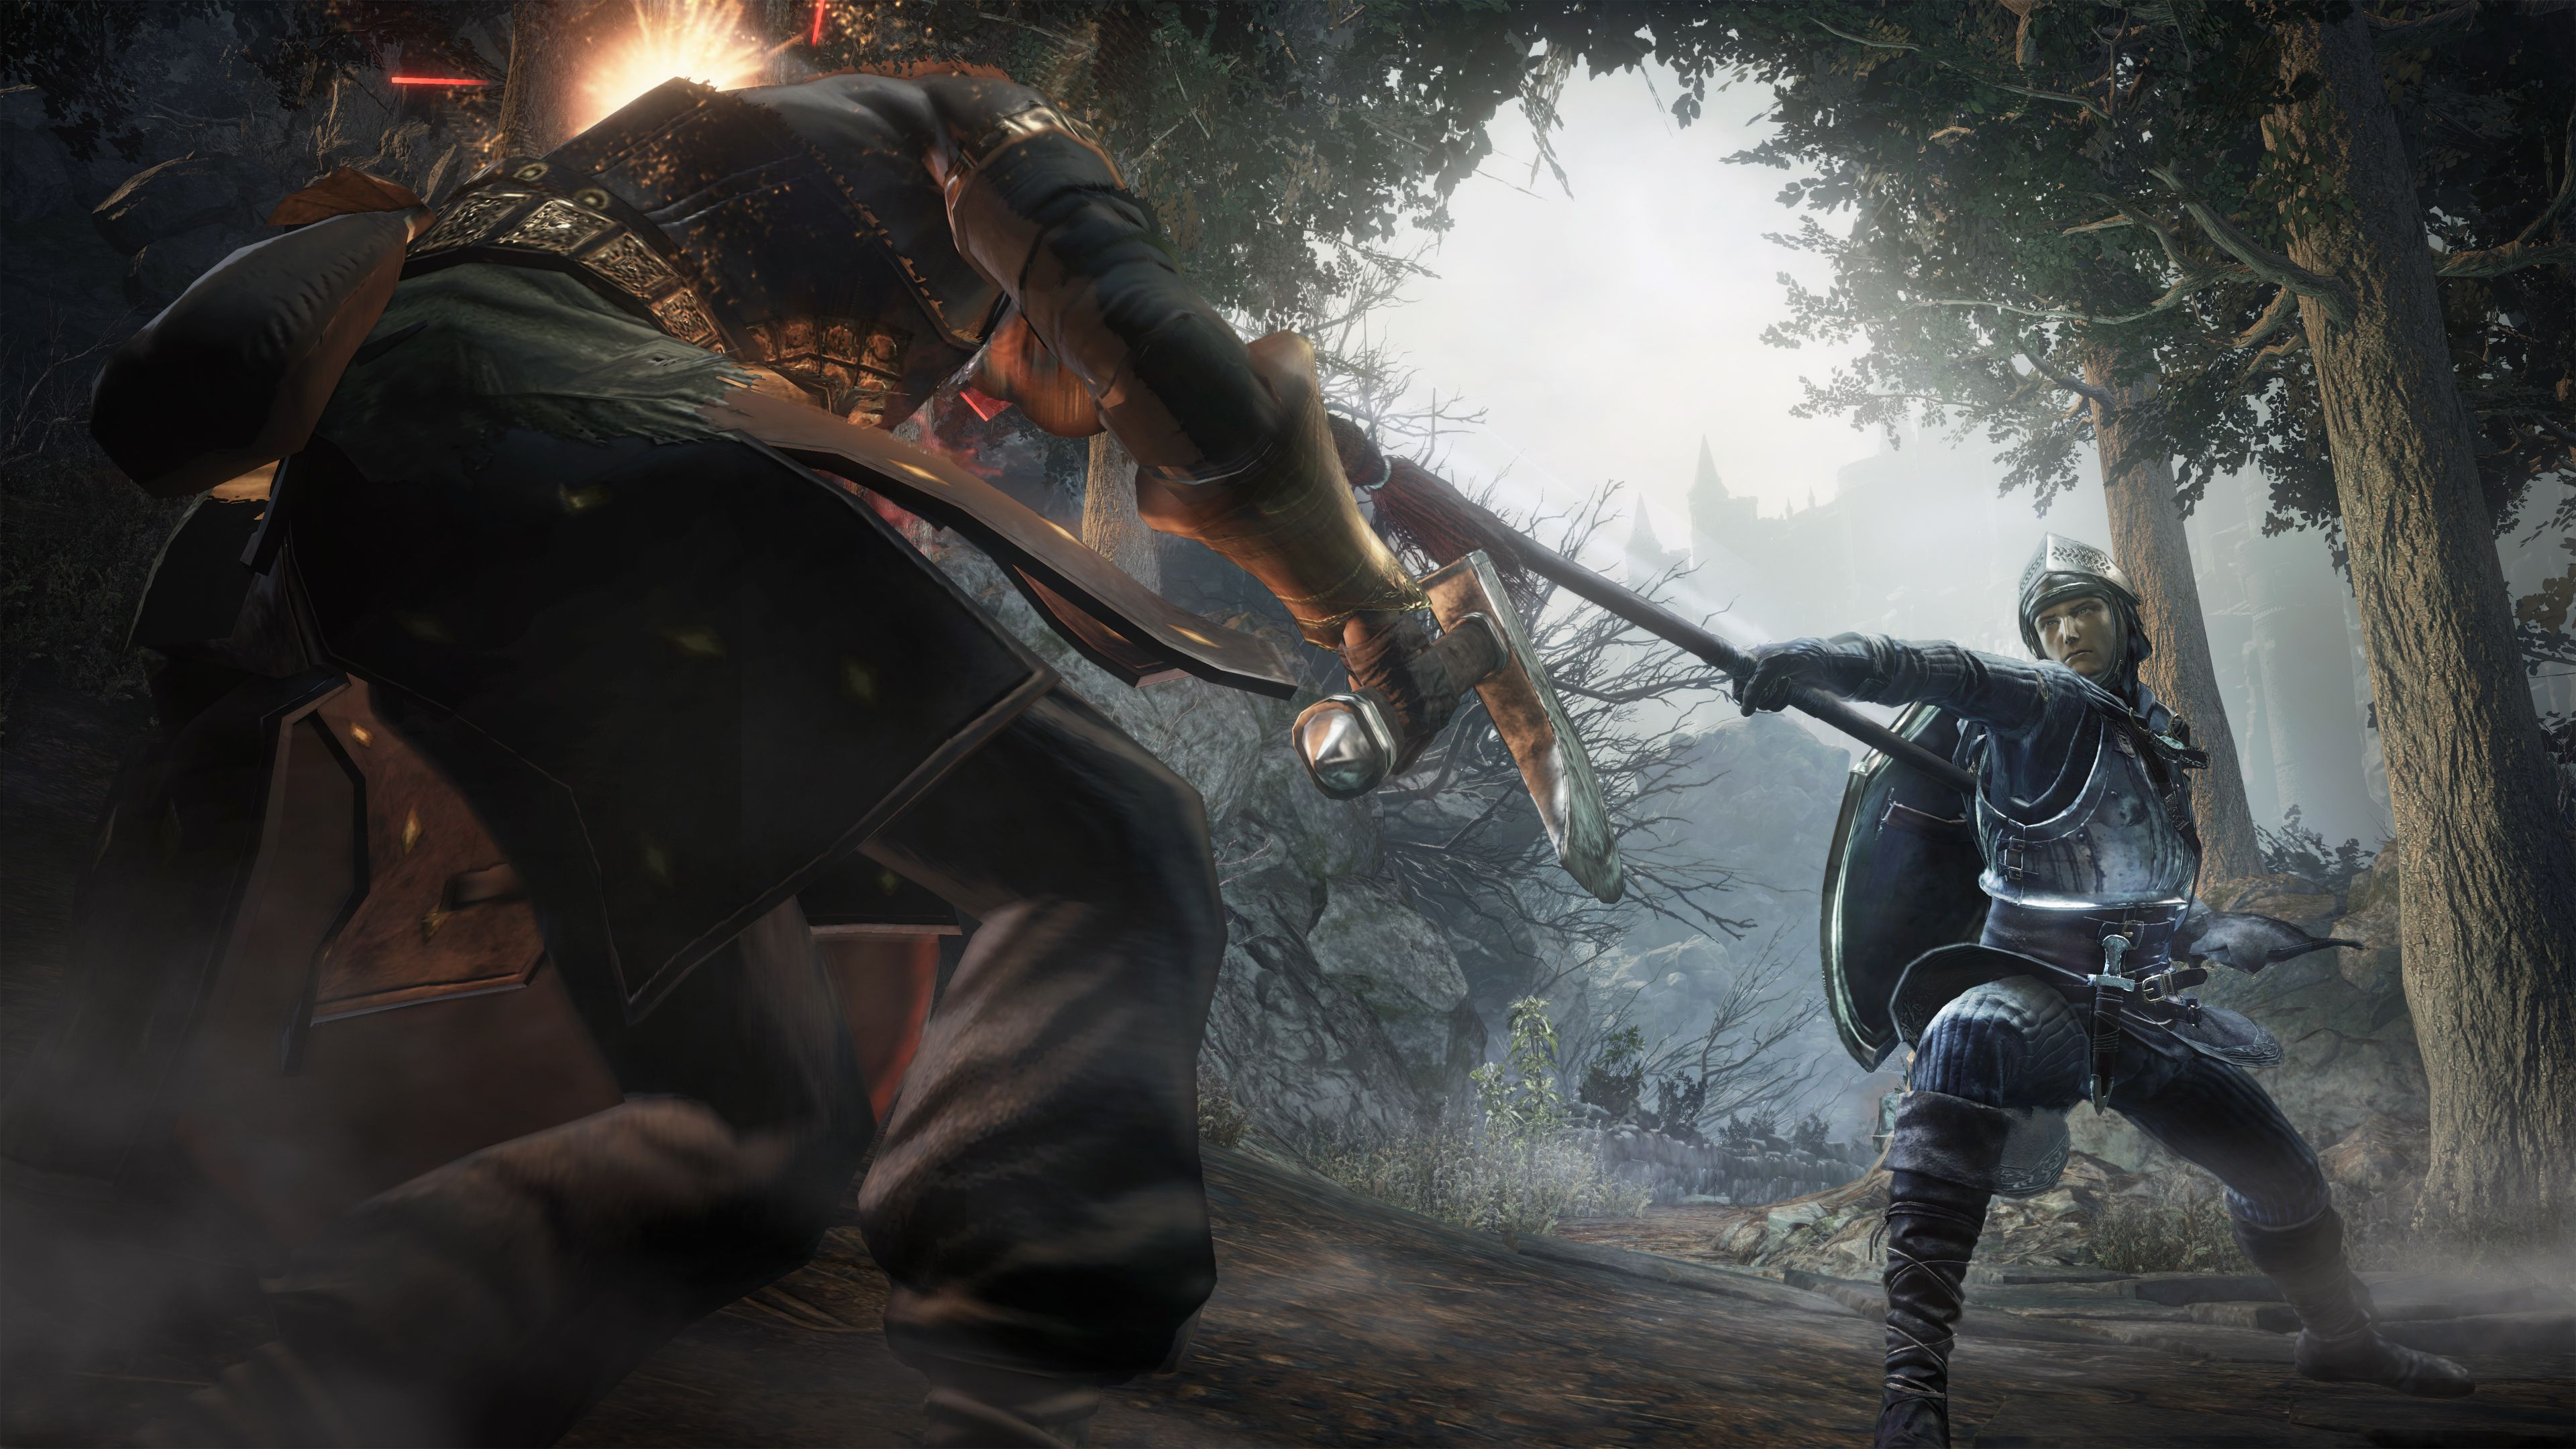 Новые скриншоты Dark Souls 3. - Изображение 8